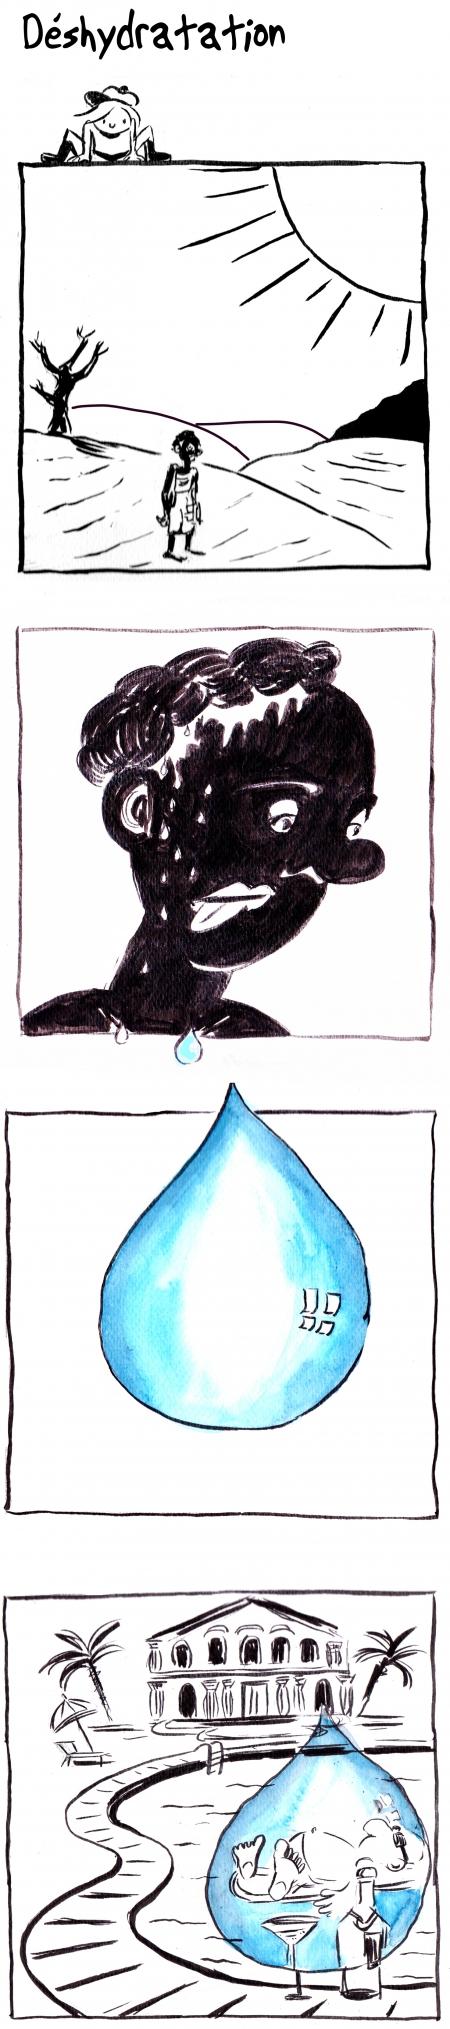 webzine,bd,gratuit,zébra,bande-dessinée,fanzine,strip,lola,aurélie dekeyser,famine,afrique,soif,canicule,pénurie,eau